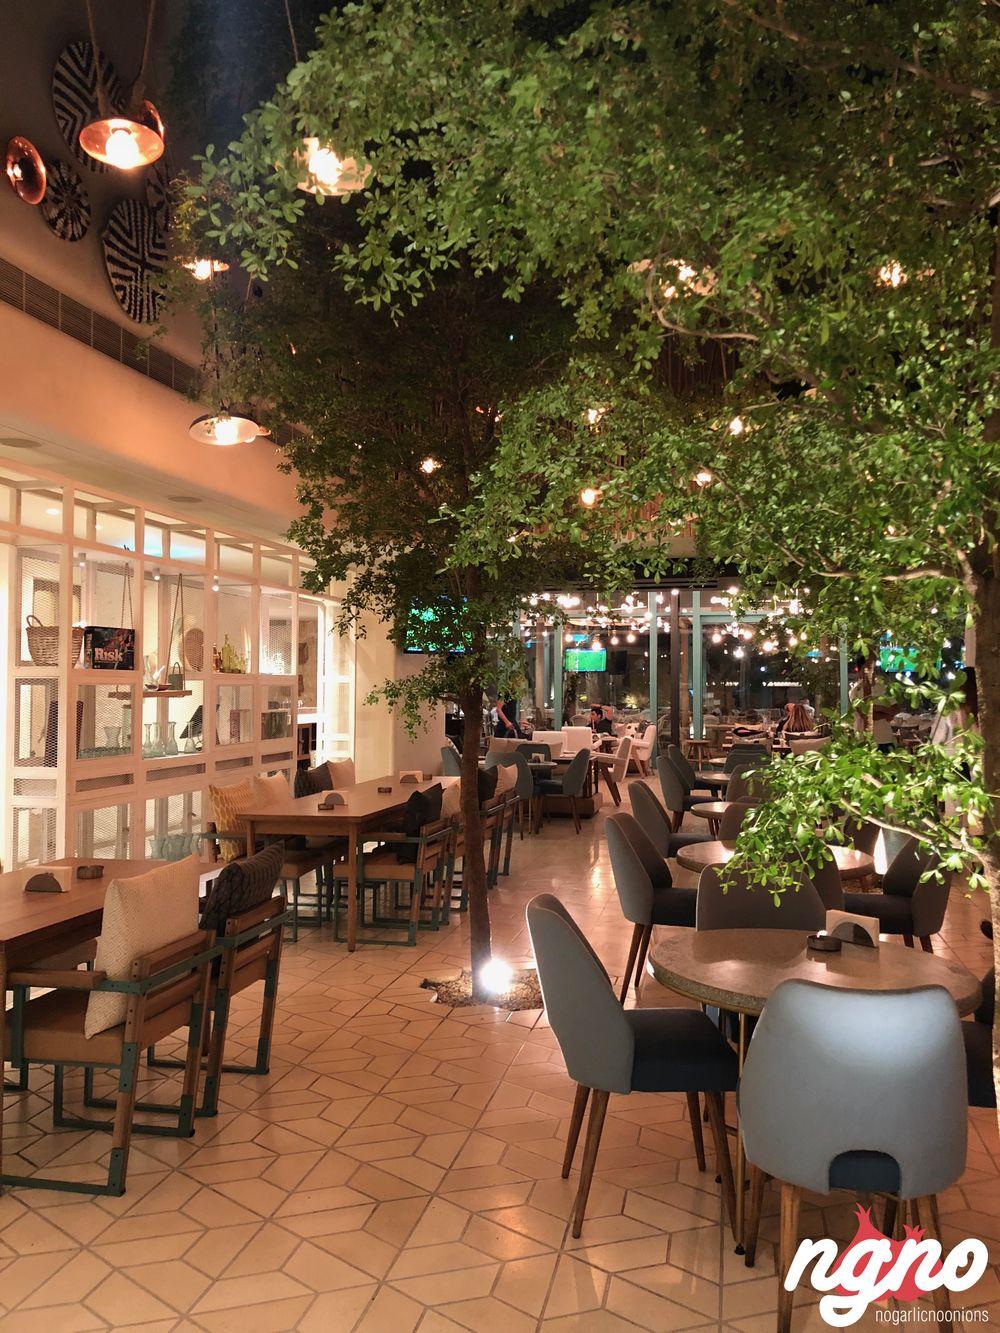 zuruni-restaurant-nogarlicnoonions-642018-09-08-03-32-04